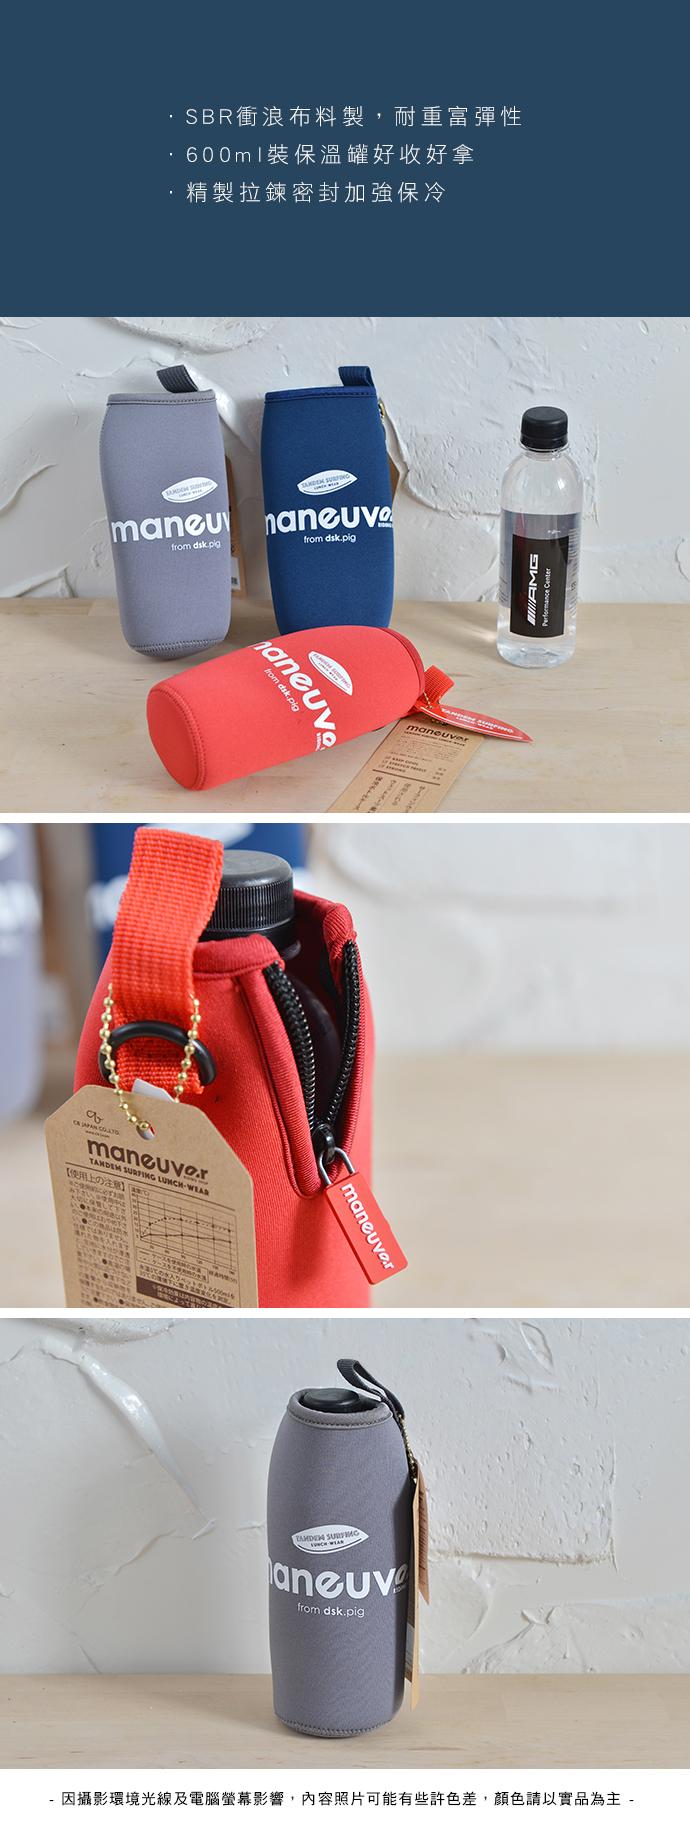 CB Japan|海洋系列保冷手提水壺袋 - 海軍藍